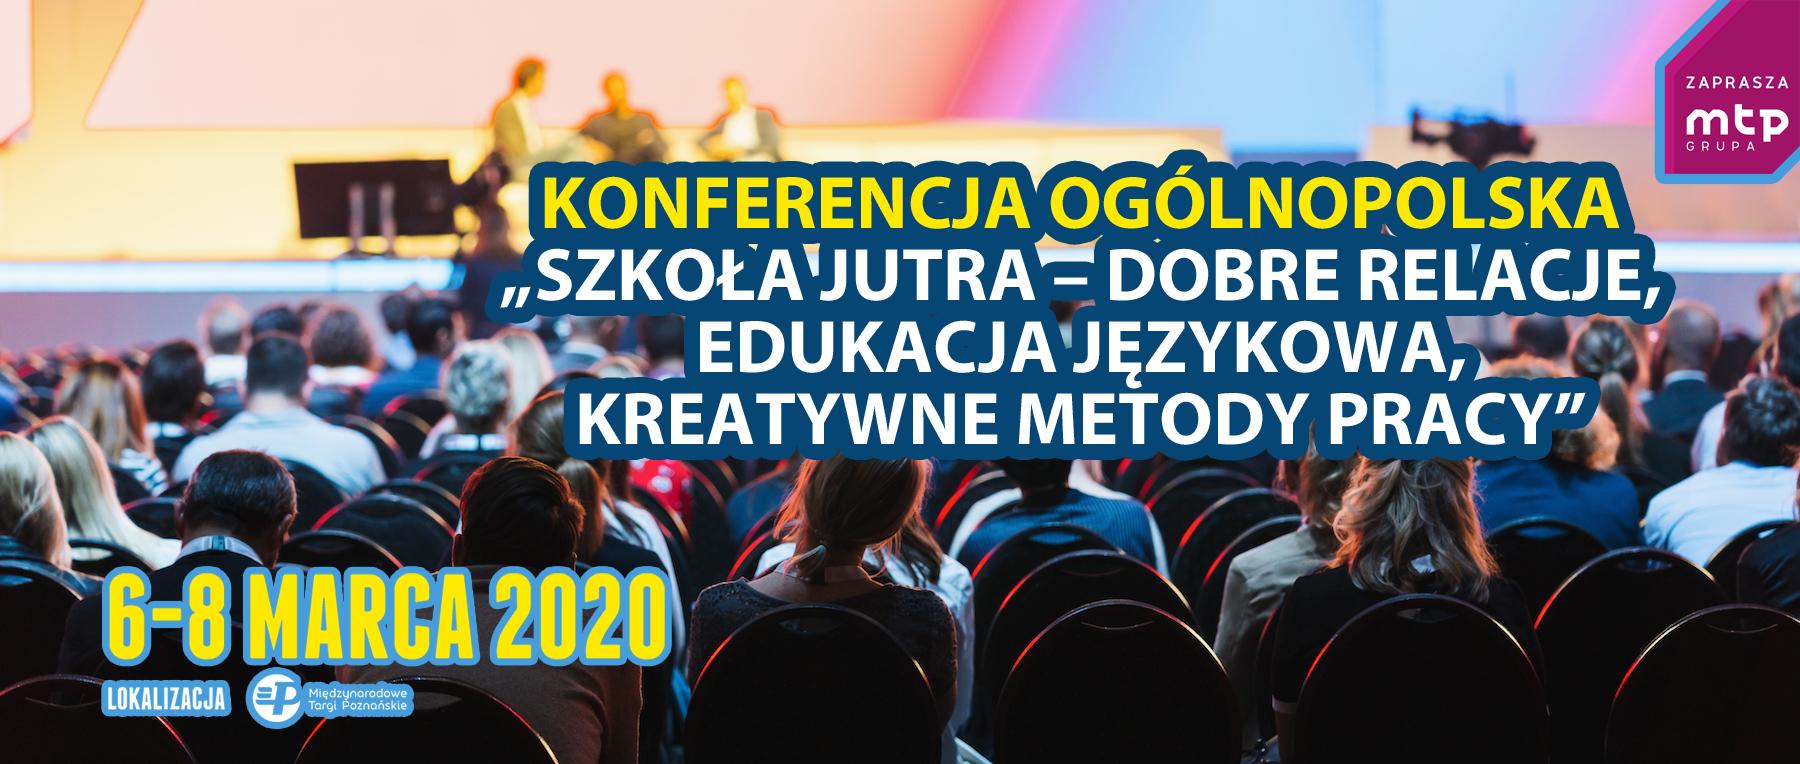 """Konferencja 'Szkoła jutra-dobre relacje, edukacja językowa, kreatywne metody pracy"""""""